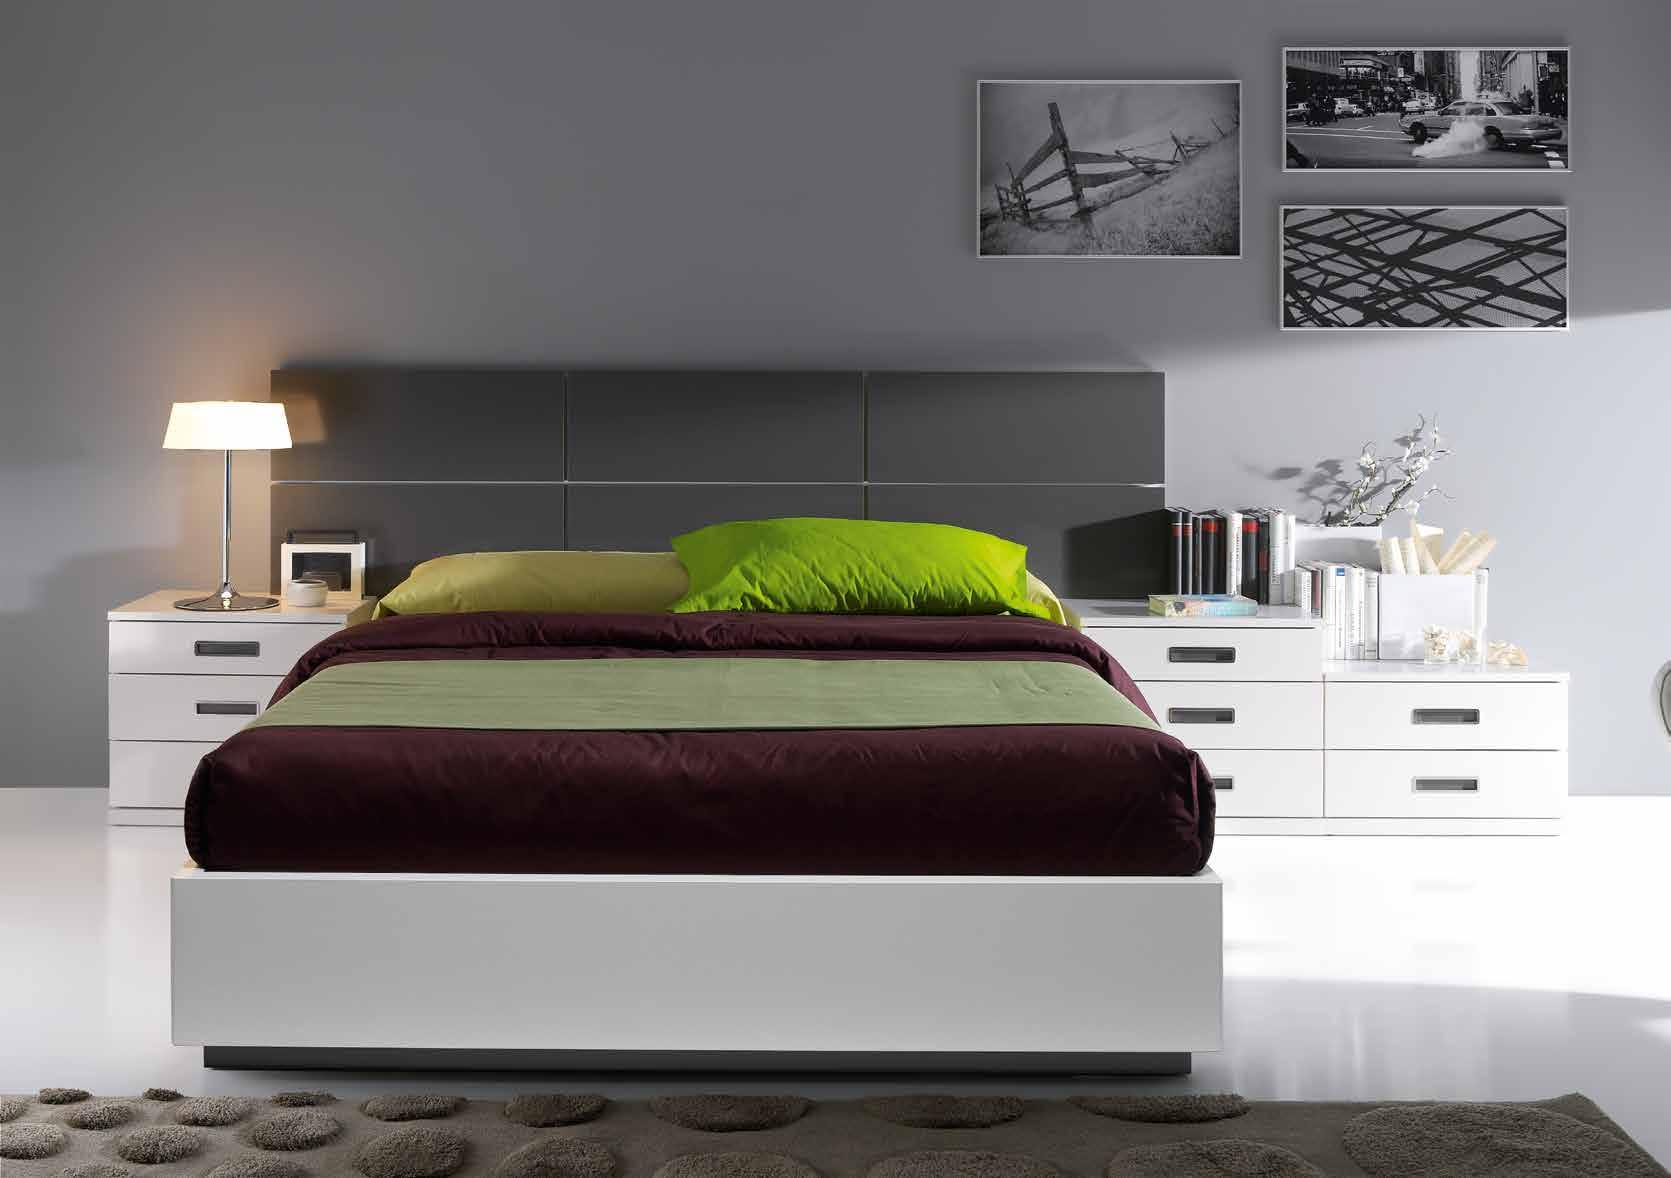 279-dormitorios-e-28